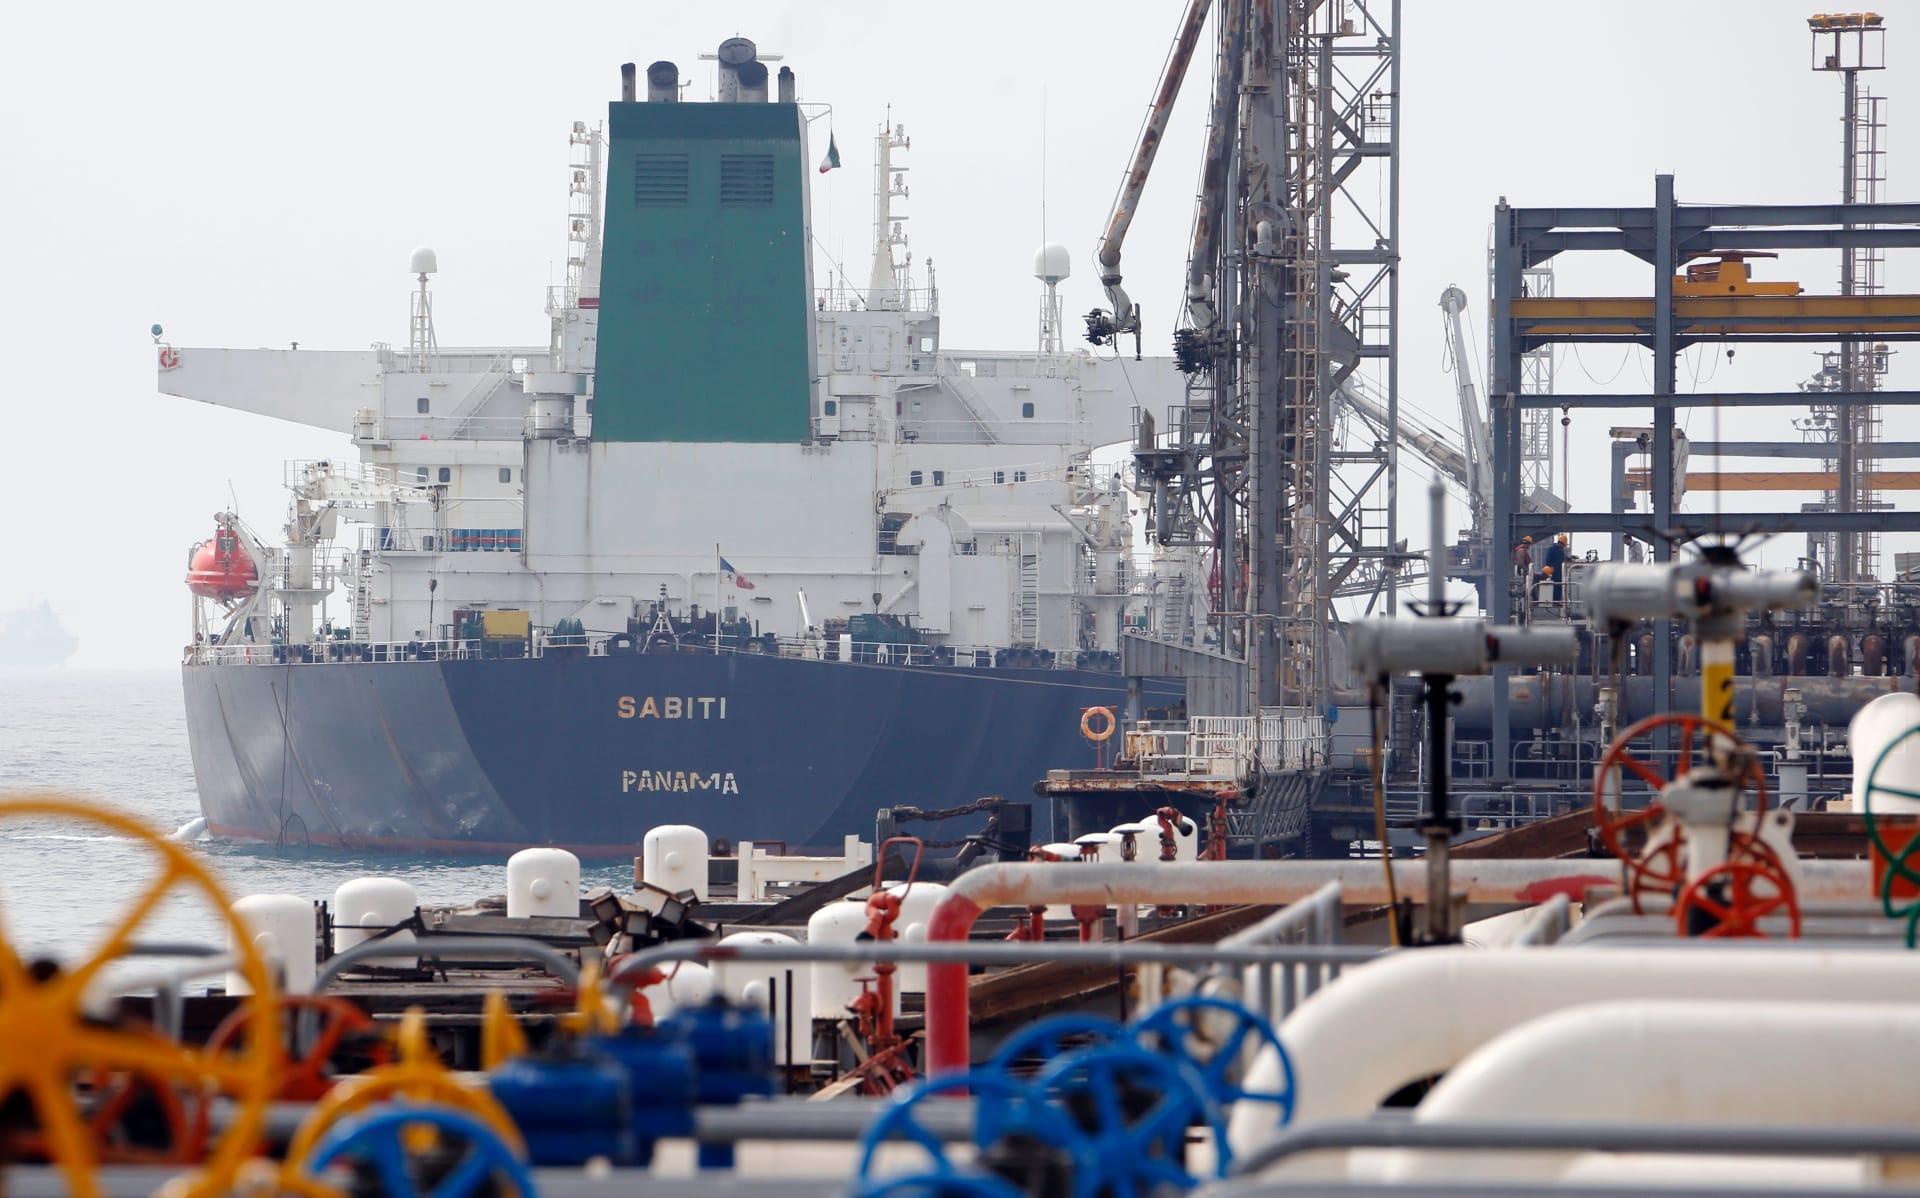 إيران تتحدى الحظر الأمريكي: الخليج لا يستطيع تغطية صادراتنا النفطية لفترة طويلة